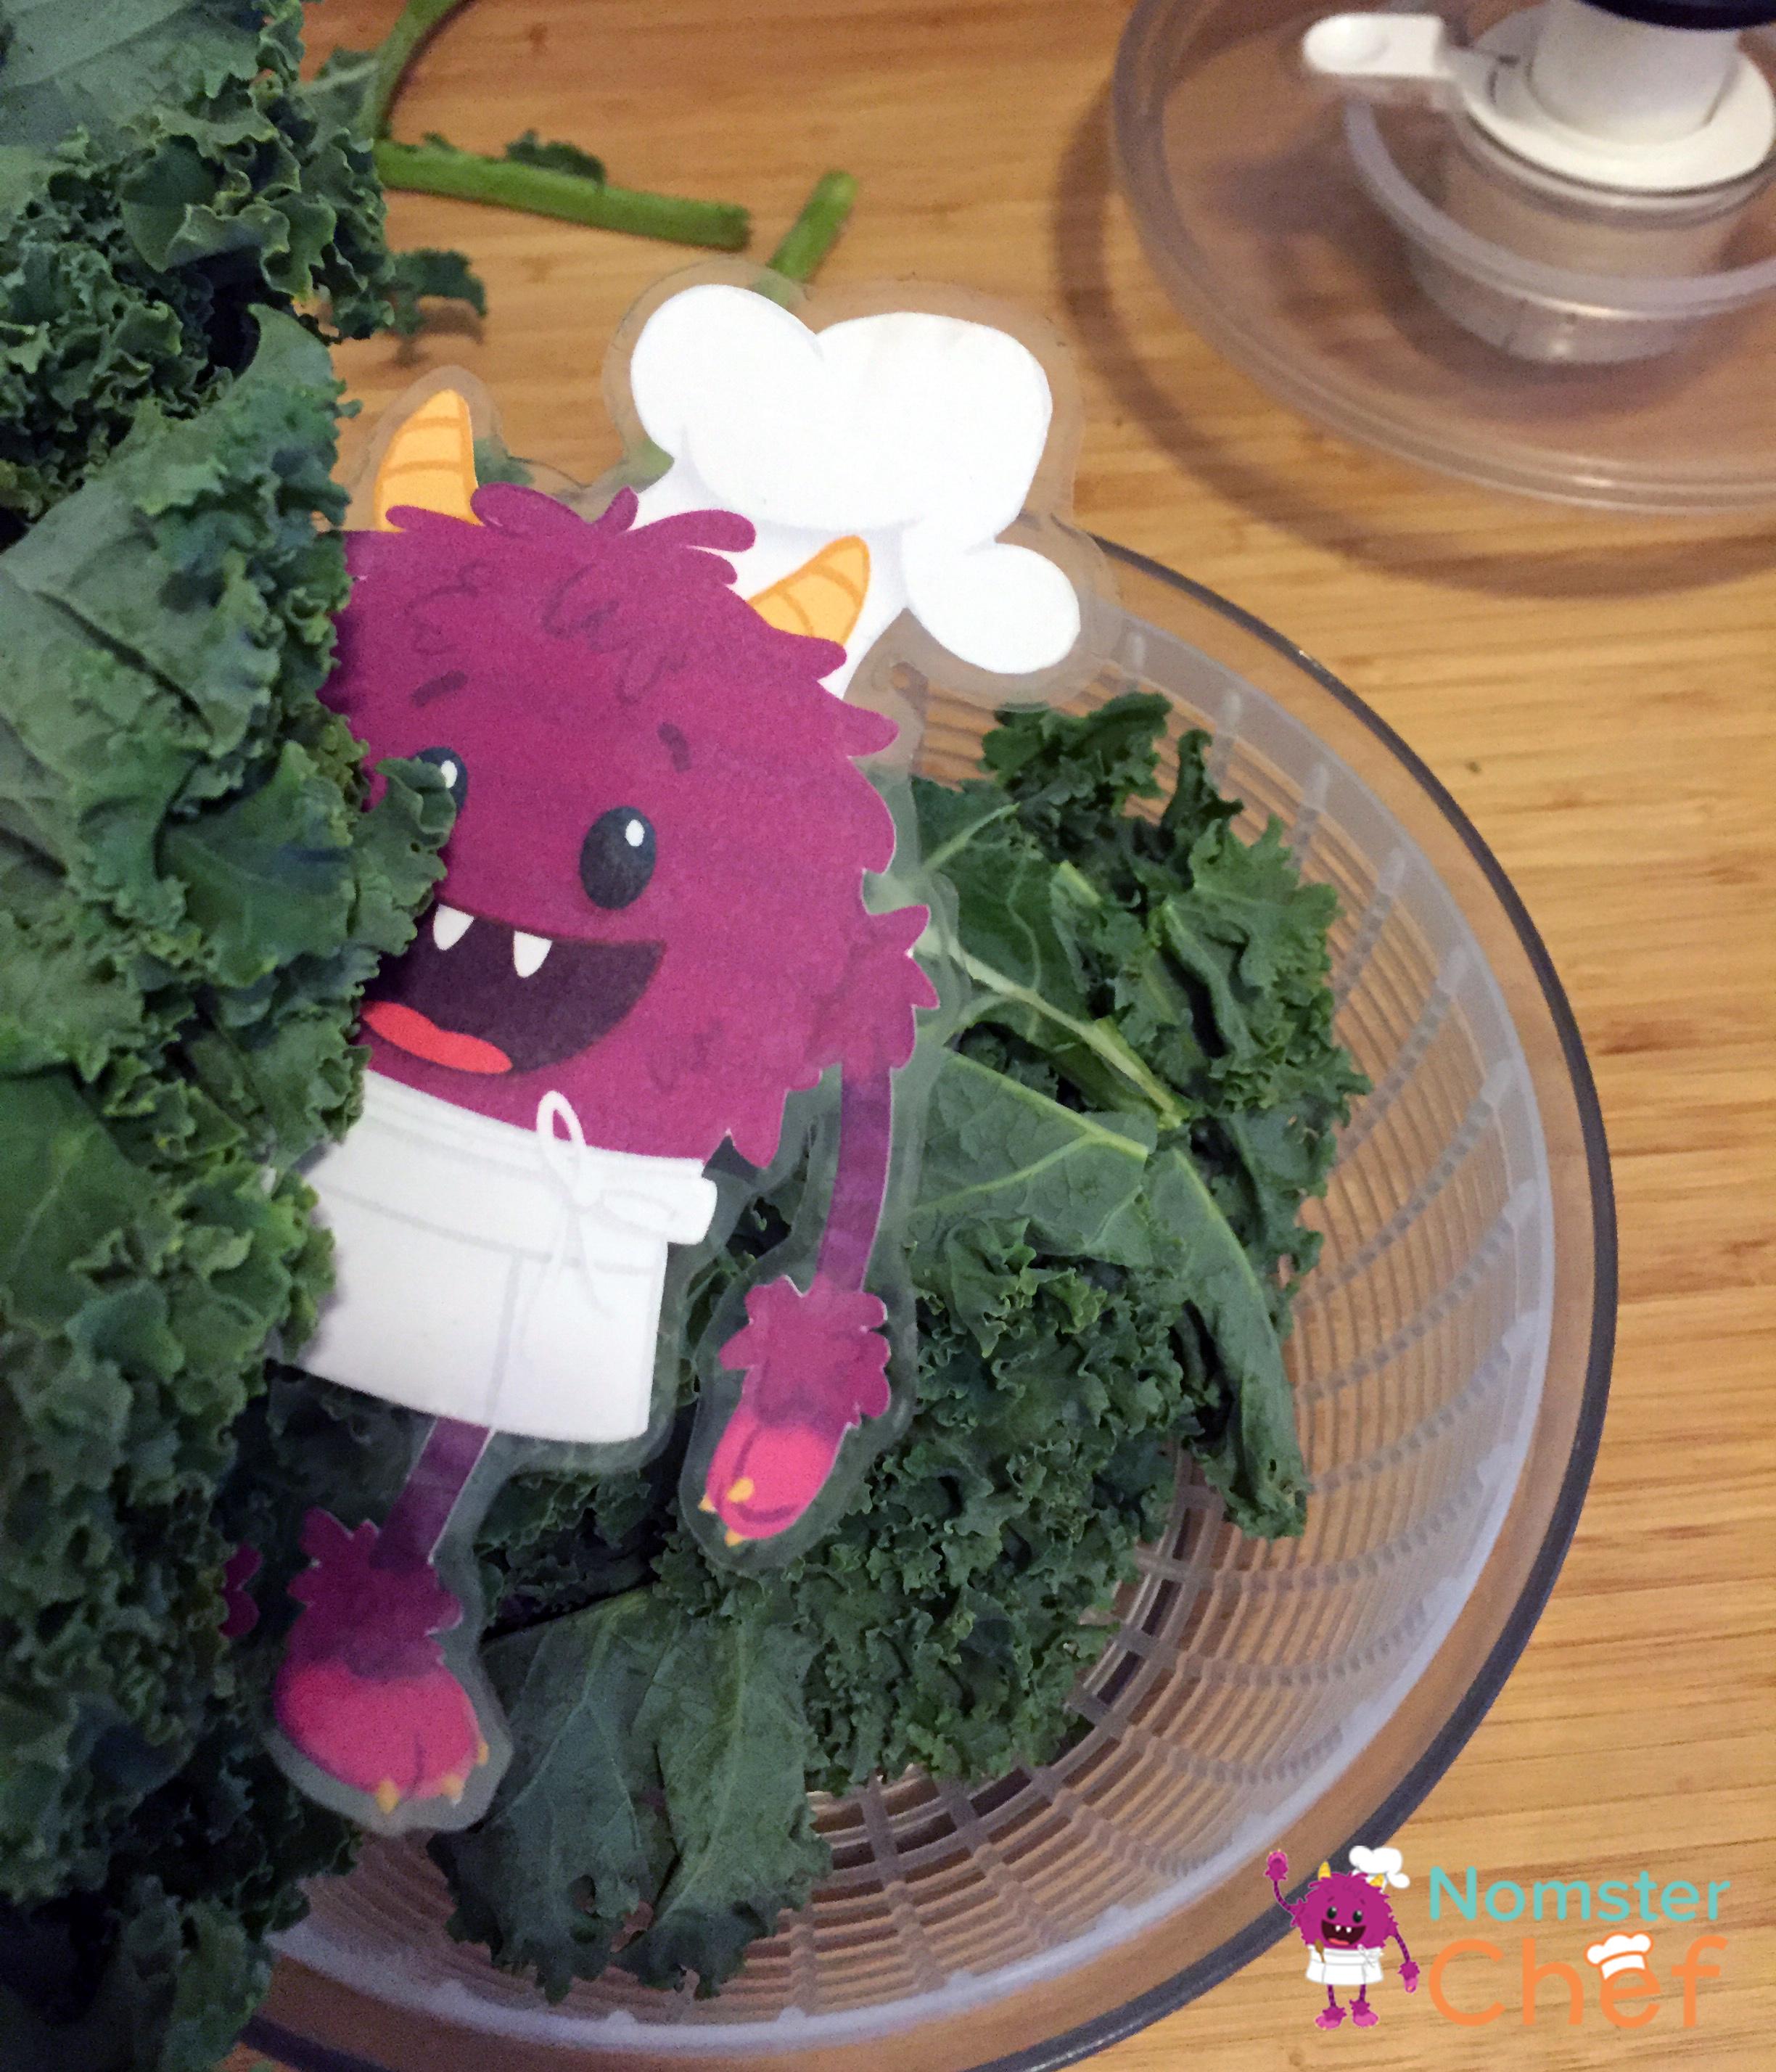 Kale Salad Spinner_Food Hack Make Your Own Taco Kale Chips - Nomster Chef Blog Recipe